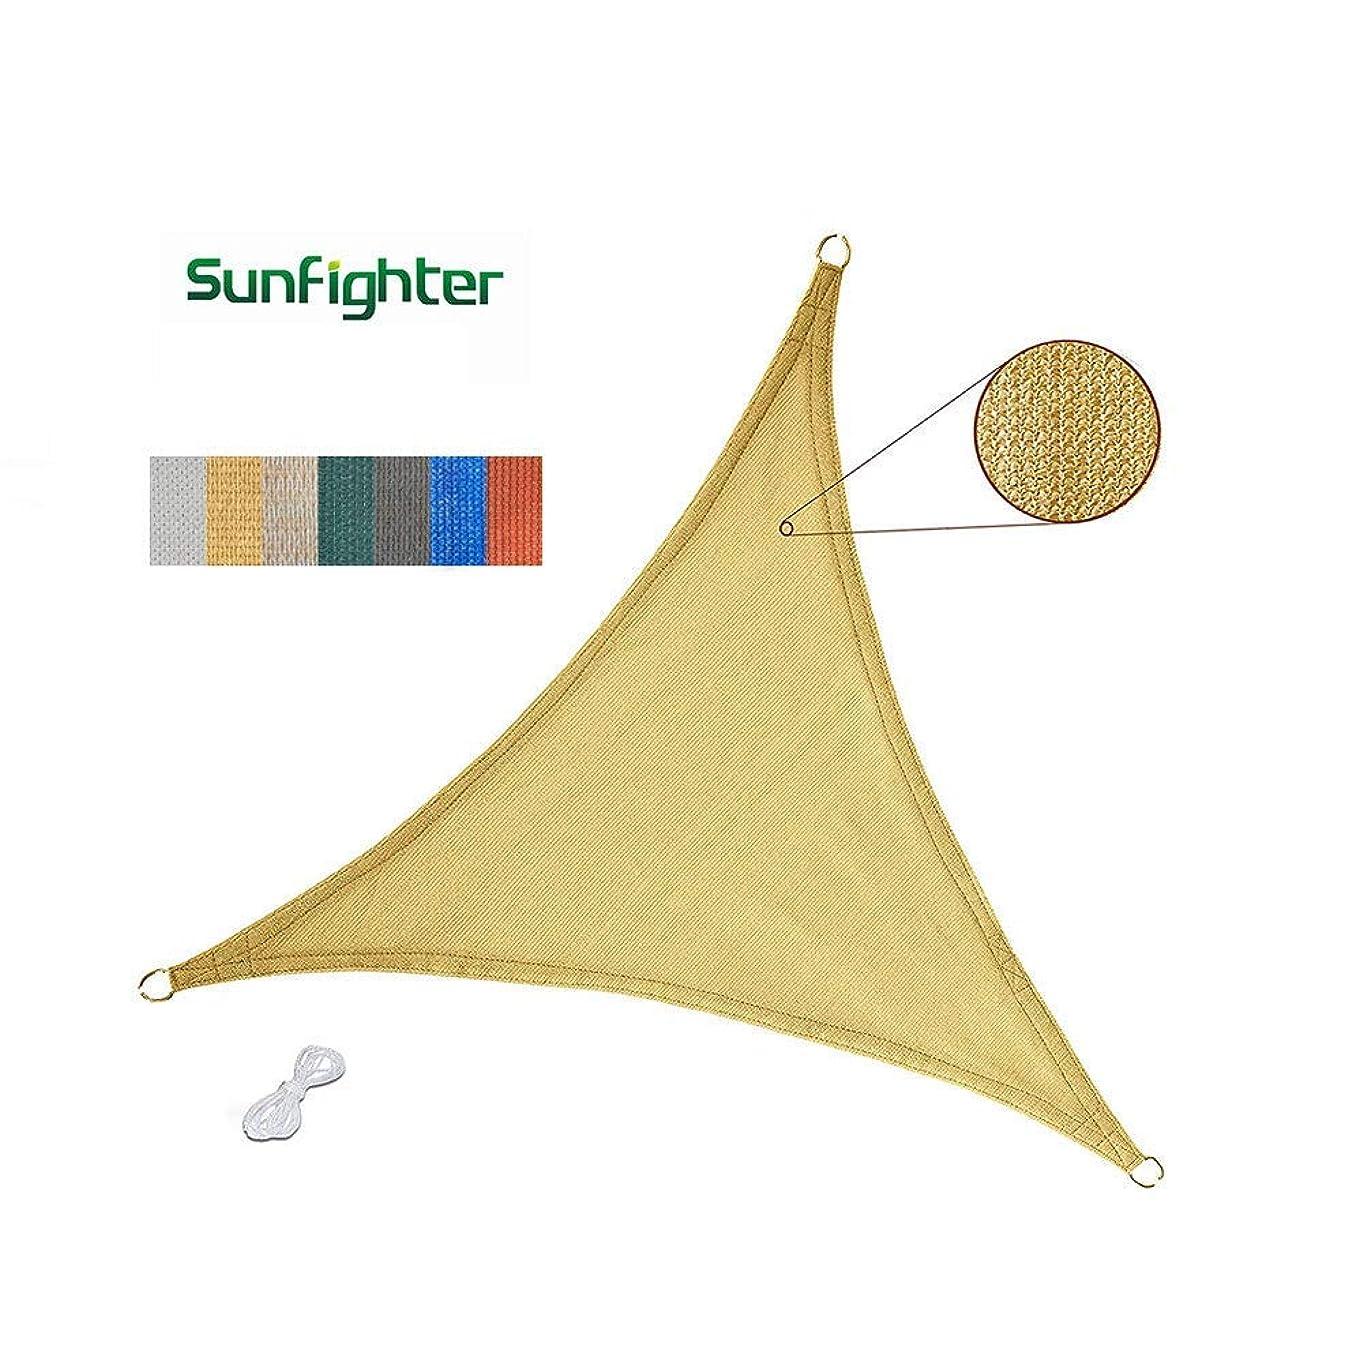 盆地バッフル生シェードネット、オーニング、サンネット、日焼け止めメッシュ、キャノピーテントファブリックタープセイル、UV耐性保護プライバシー対応、複数サイズ、ベージュ (Size : 3.6*3.6*3.6m)